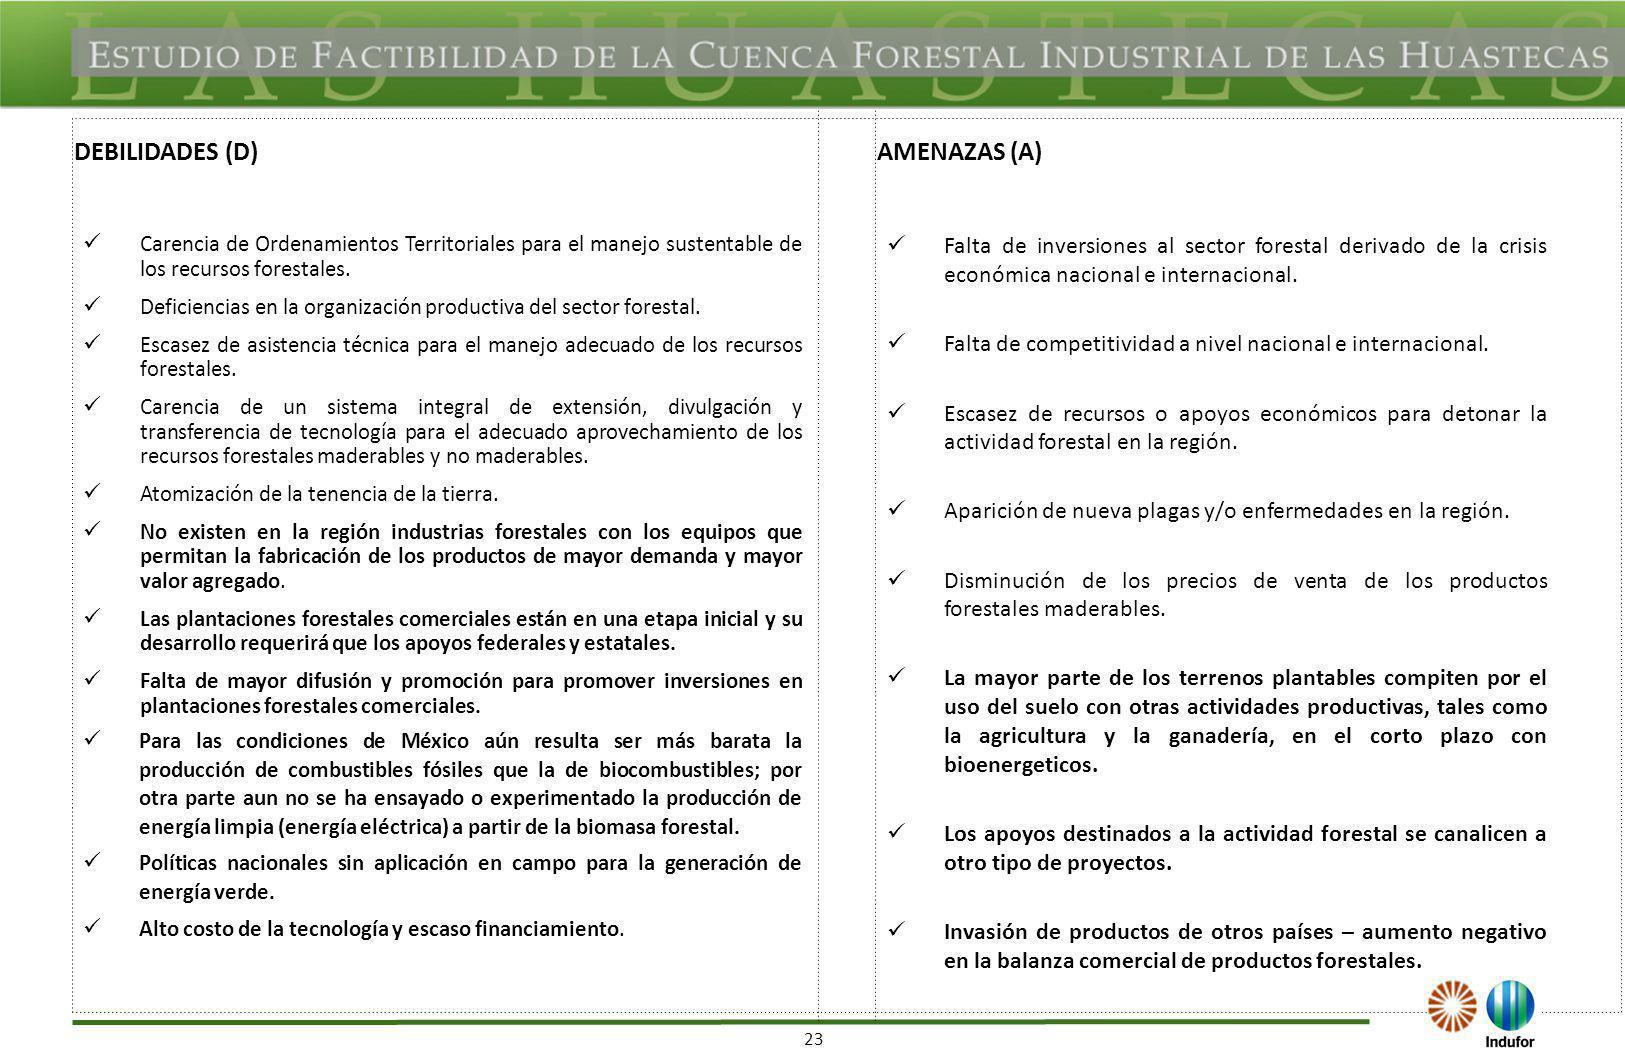 FODAS ESTATALES HIDALGO FORTALEZAS (F) OPORTUNIDADES (O)